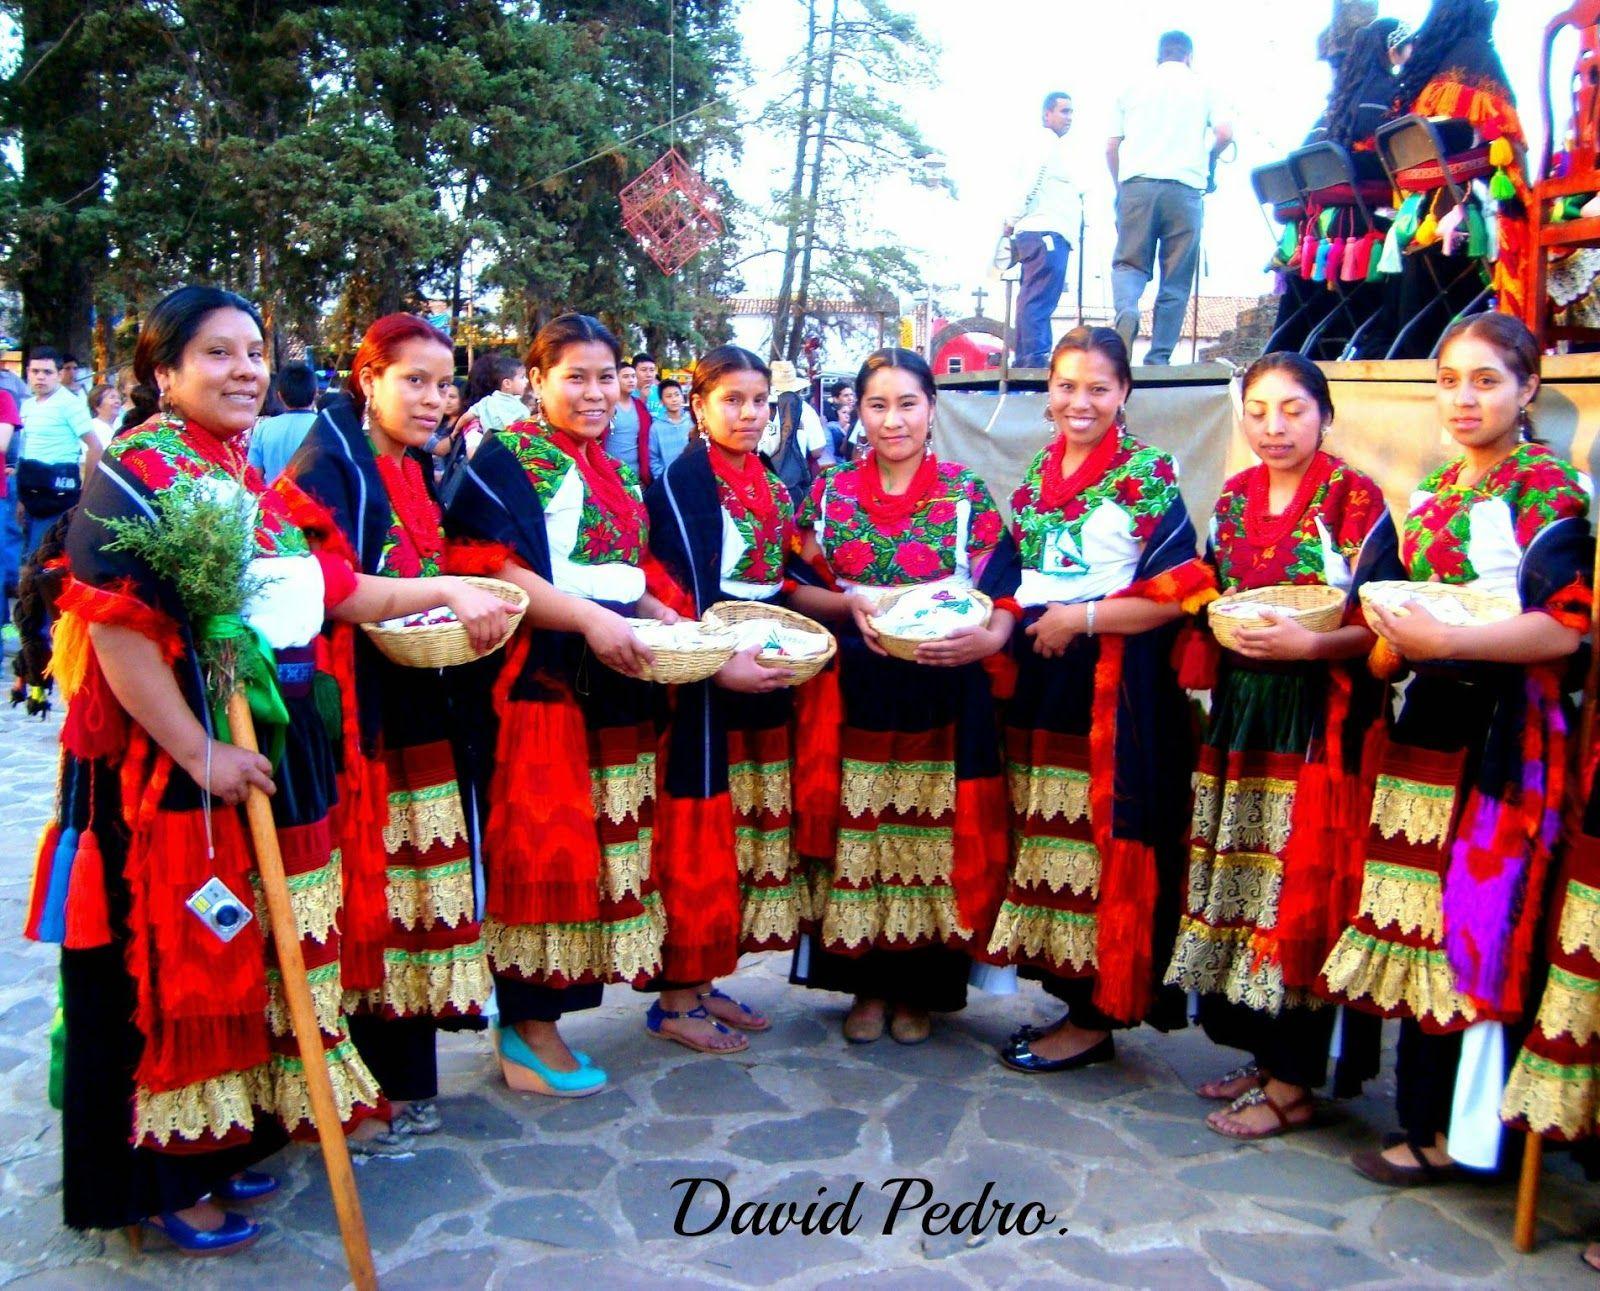 Tarecuato Gente De Michoacan 2 Pinterest Mexican People